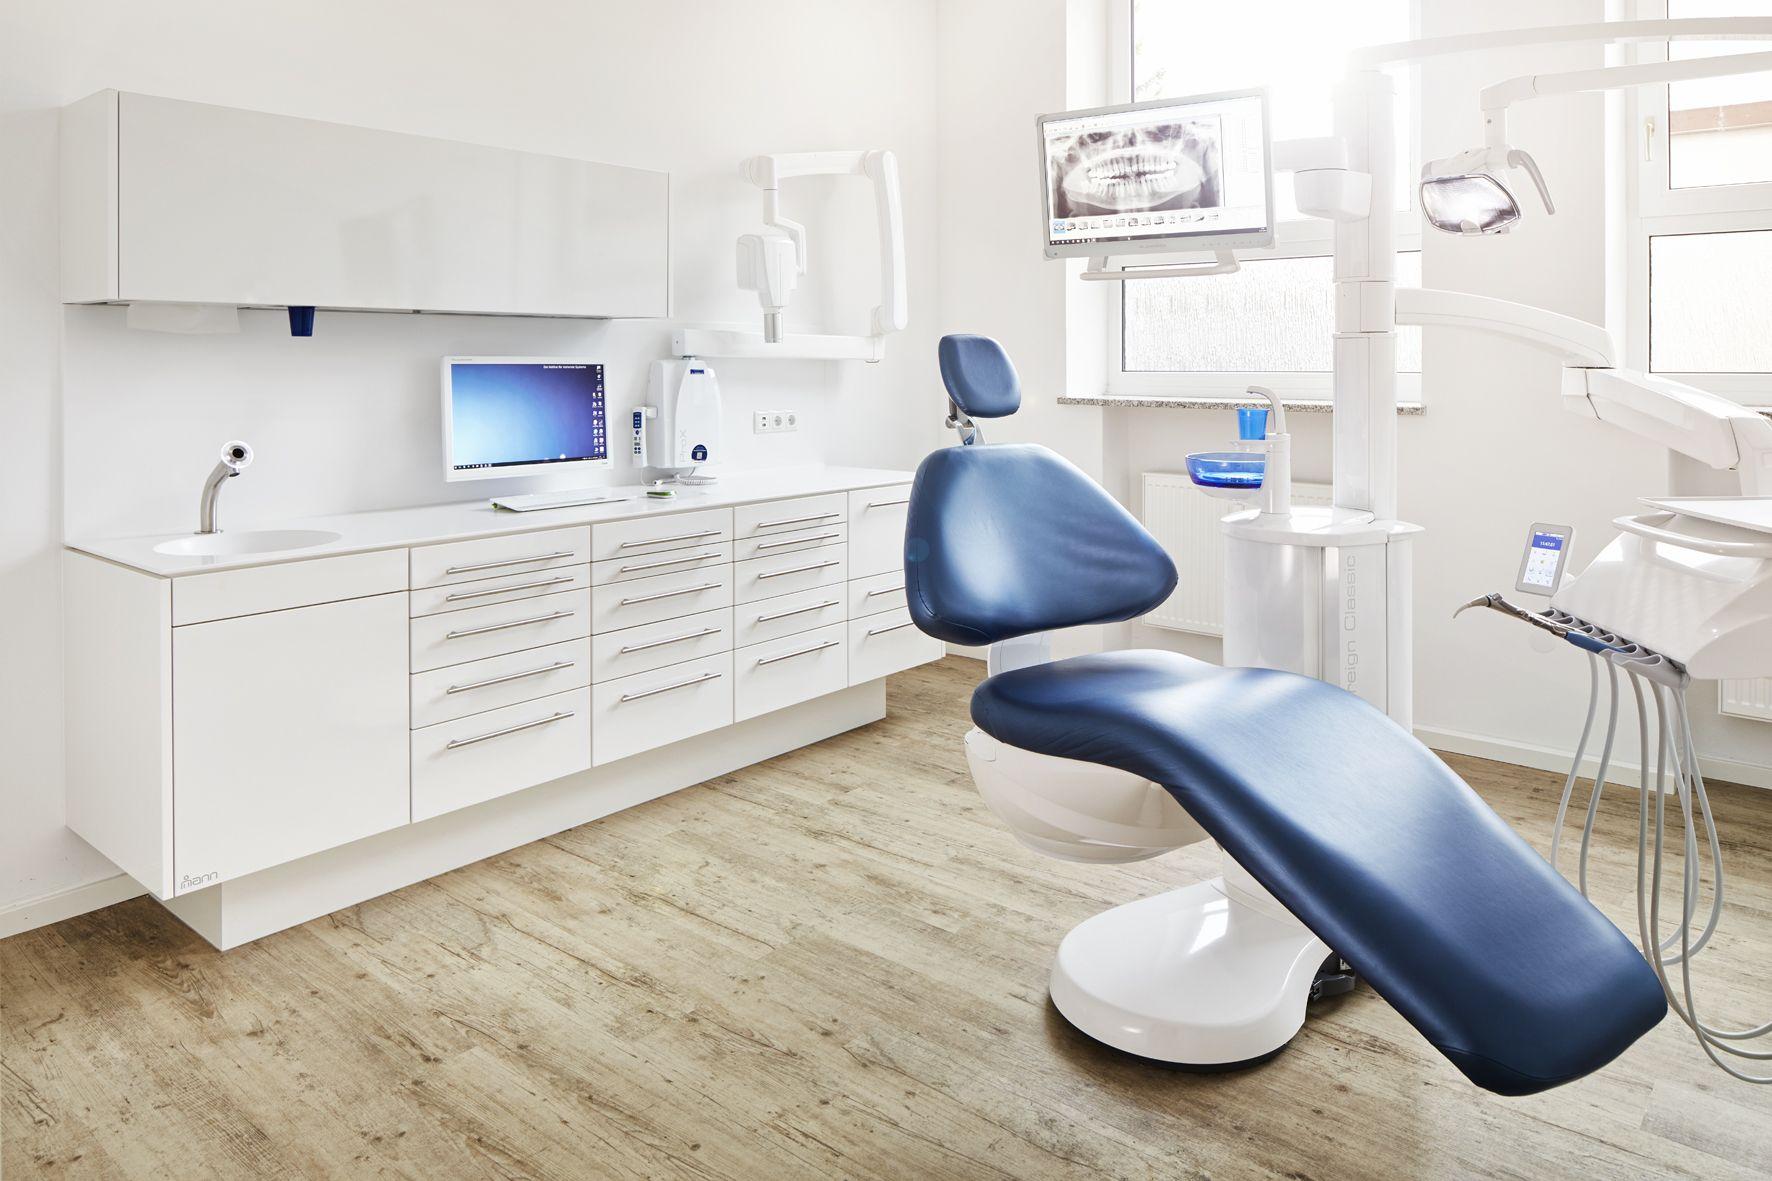 Mann Mobel Behandlungszeile S Typ Fur Die Dentale Praxis Mit Funktionalem Hygieneschrank